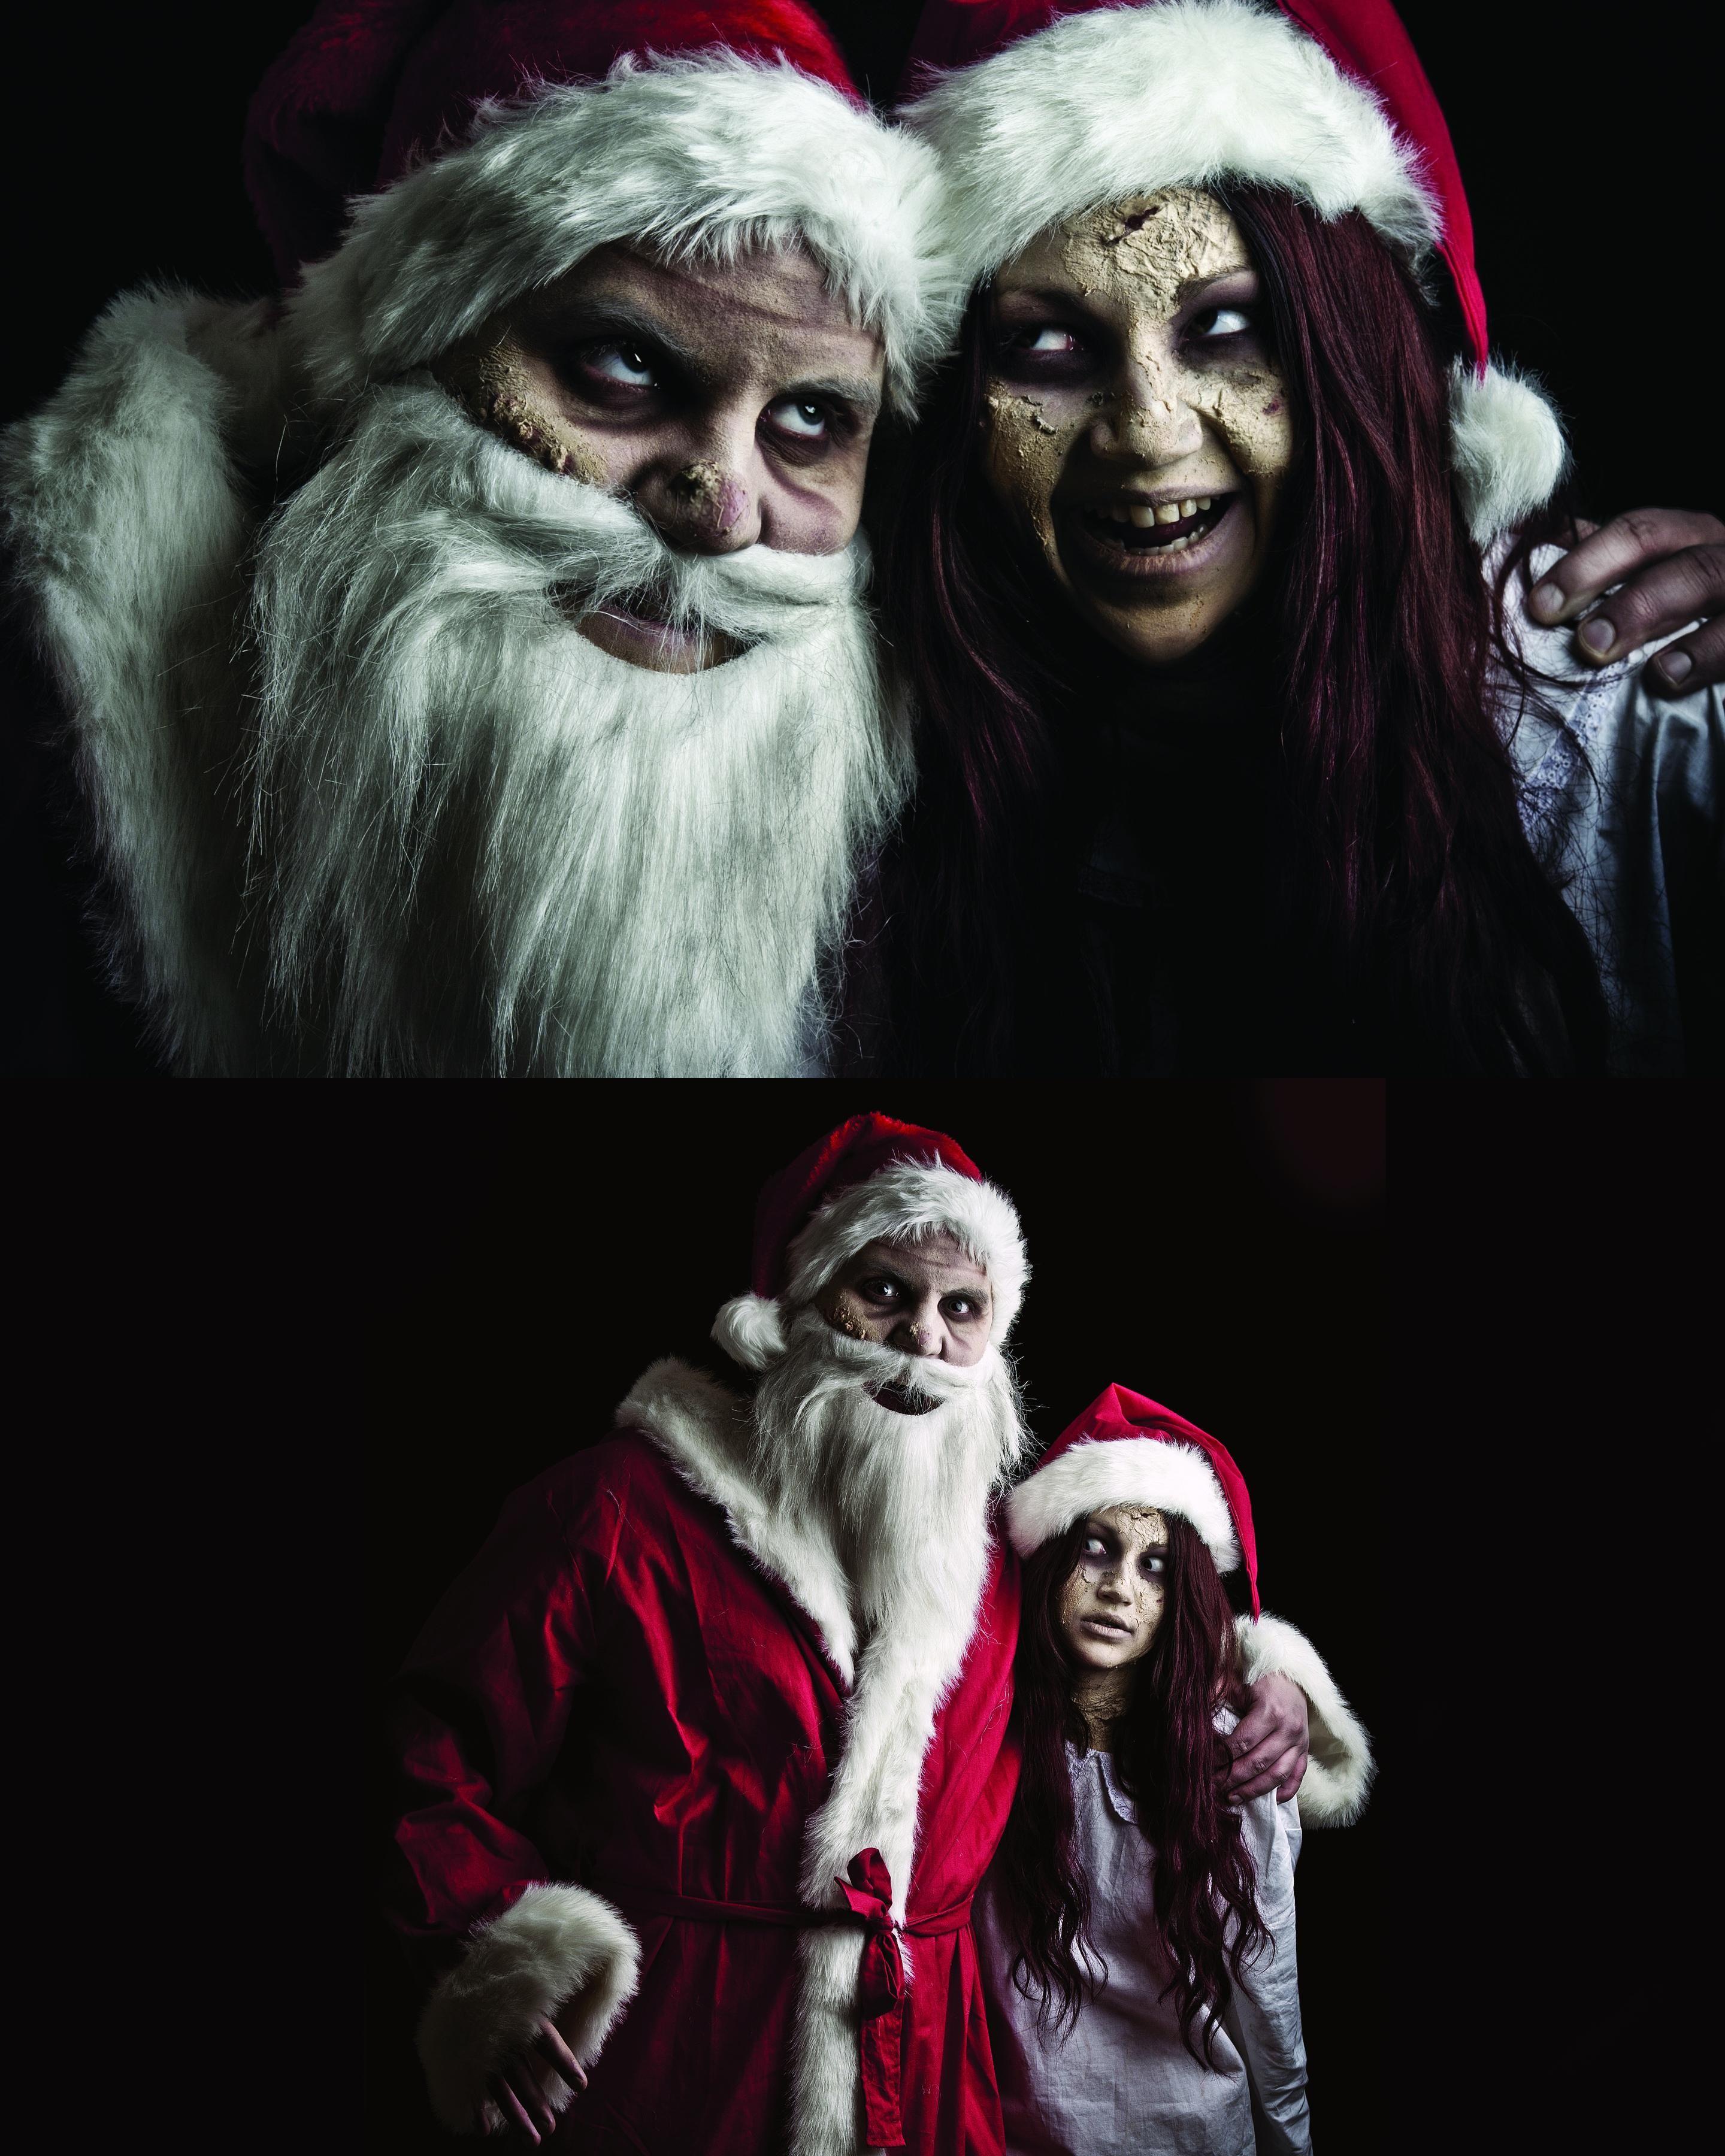 Evil Santa Claus And Zombie Snow Maide Weihnachten